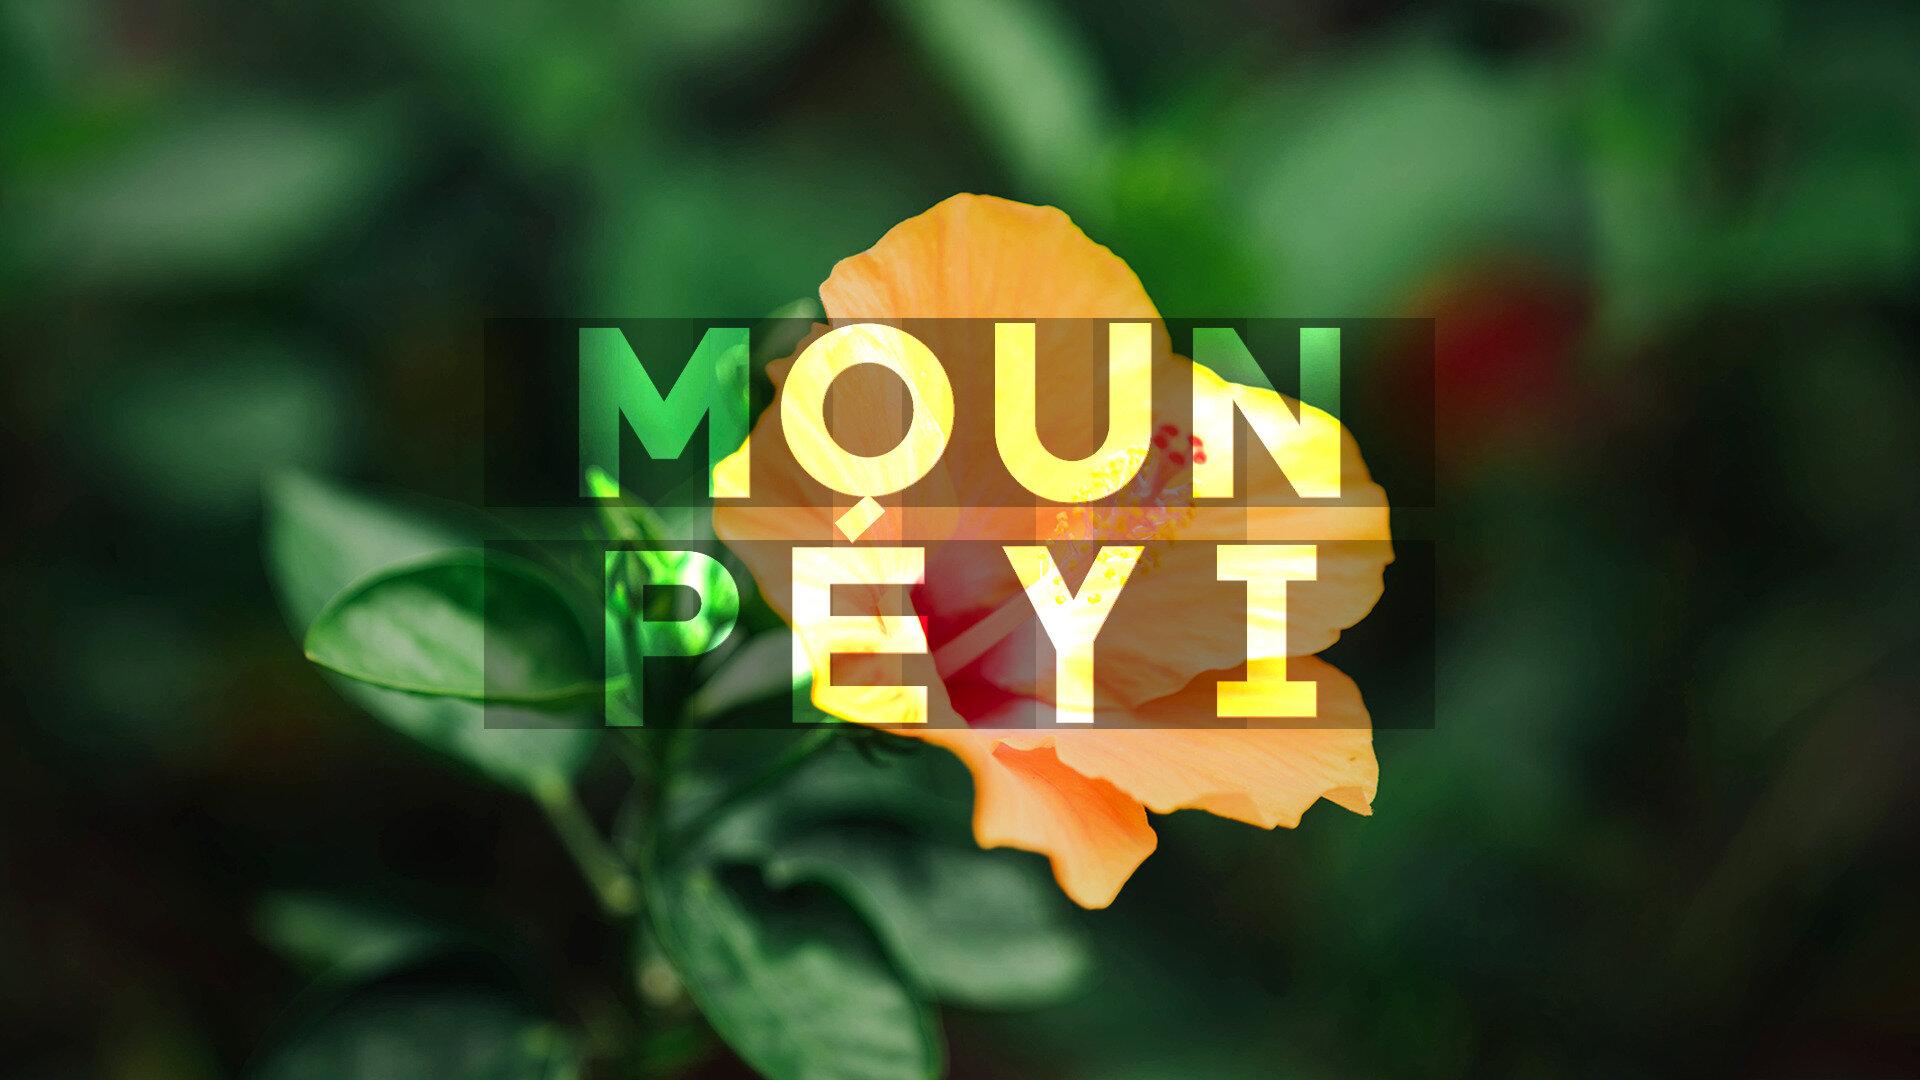 Moun péyi : Miguel Pavy